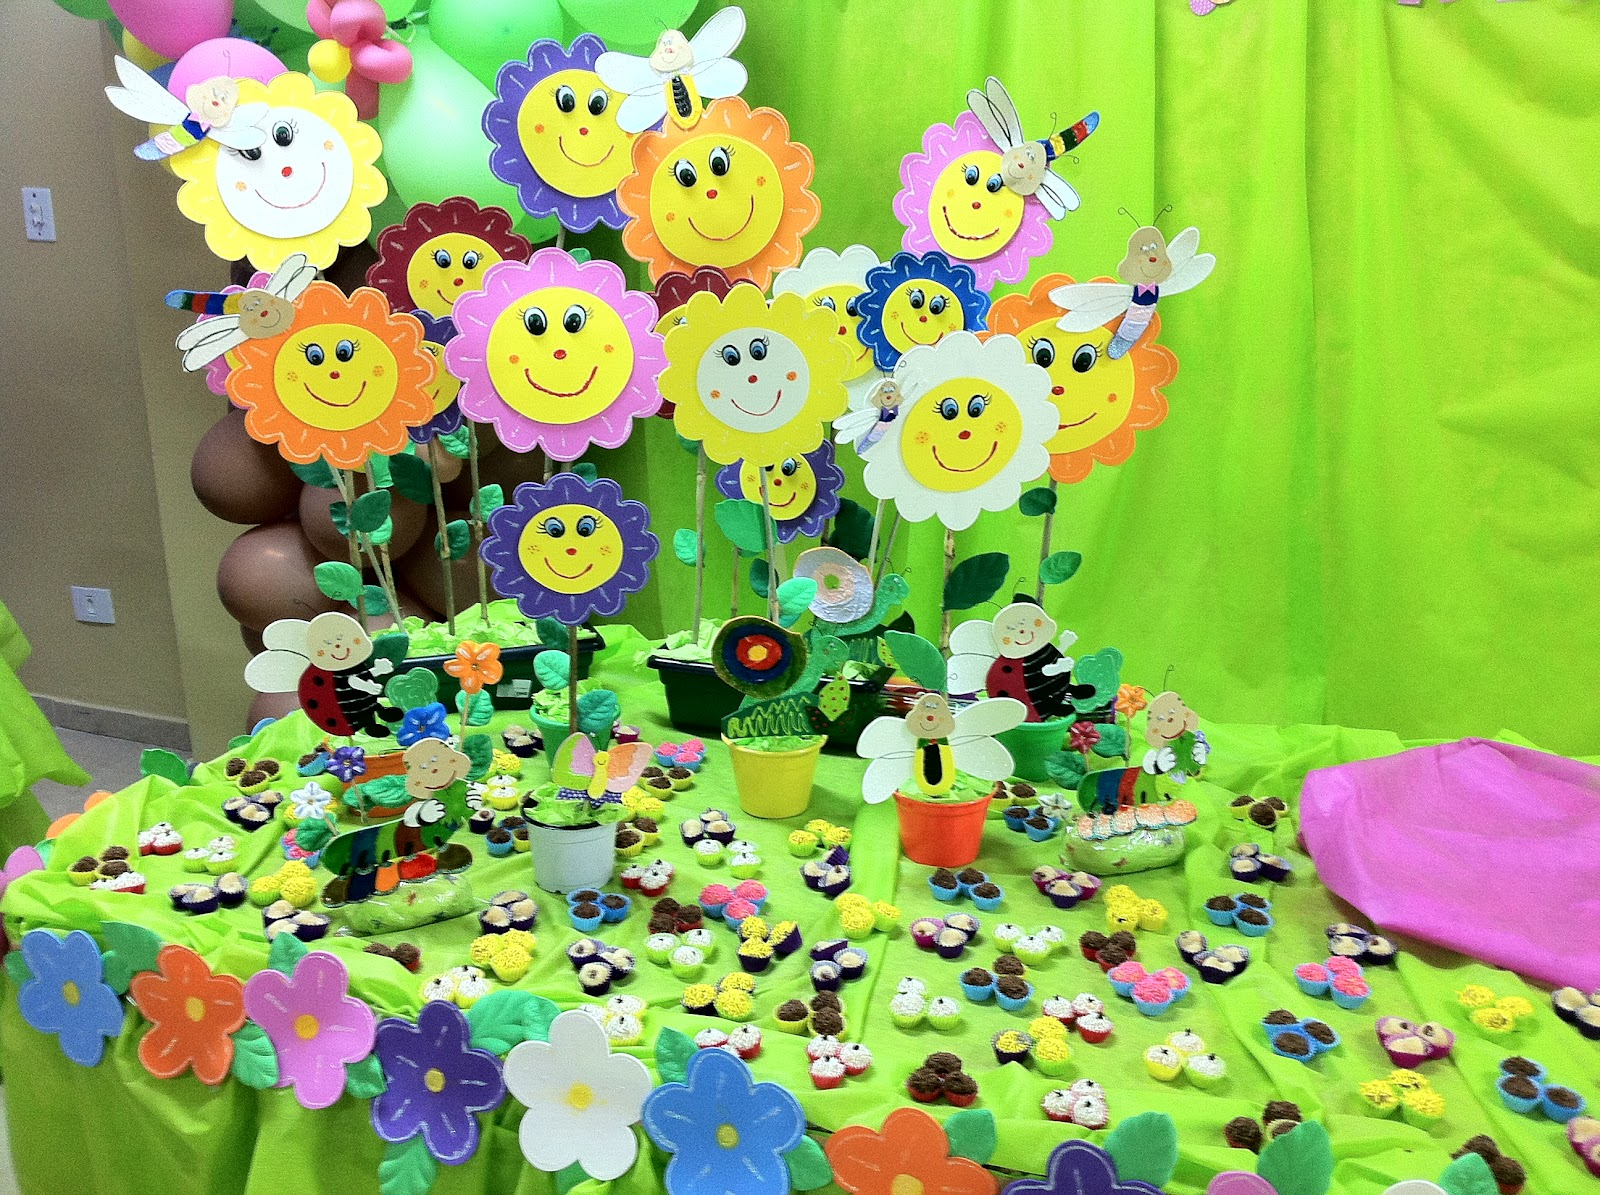 fotos de aniversario tema jardim encantado:Brincando com Idéias: Festa de Aniversário Tema Jardim Encantado